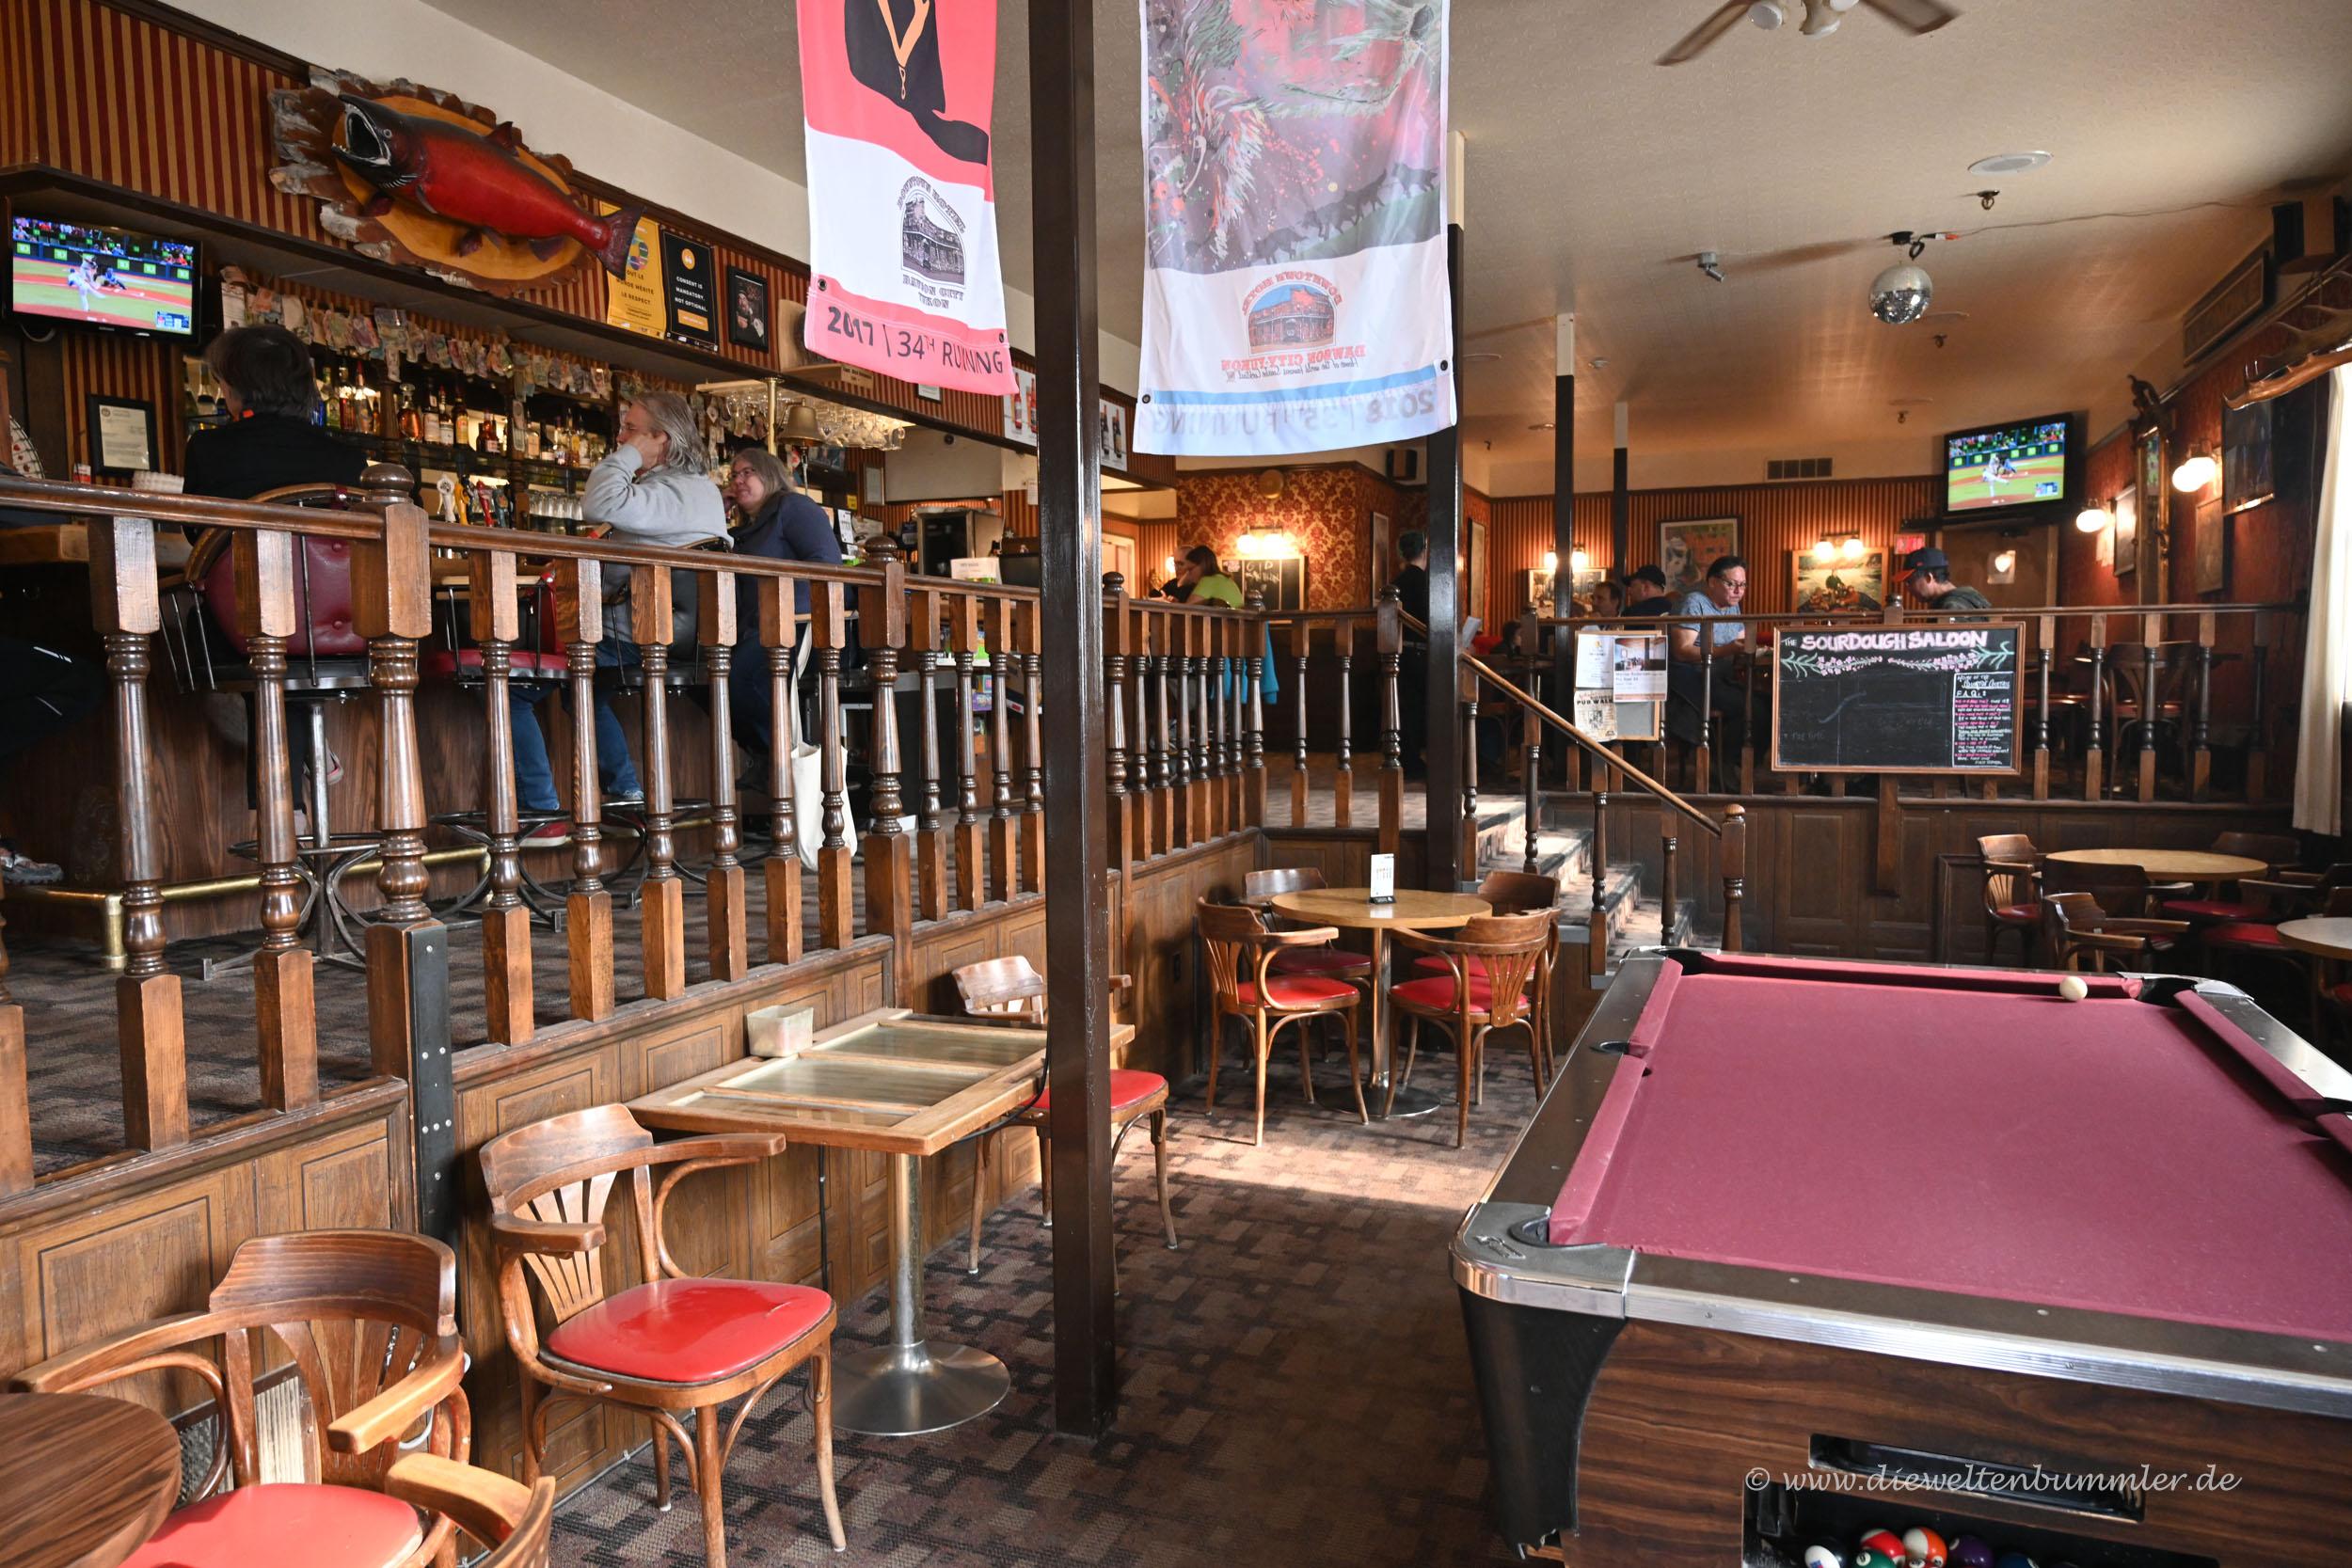 Saloon im Downtownhotel